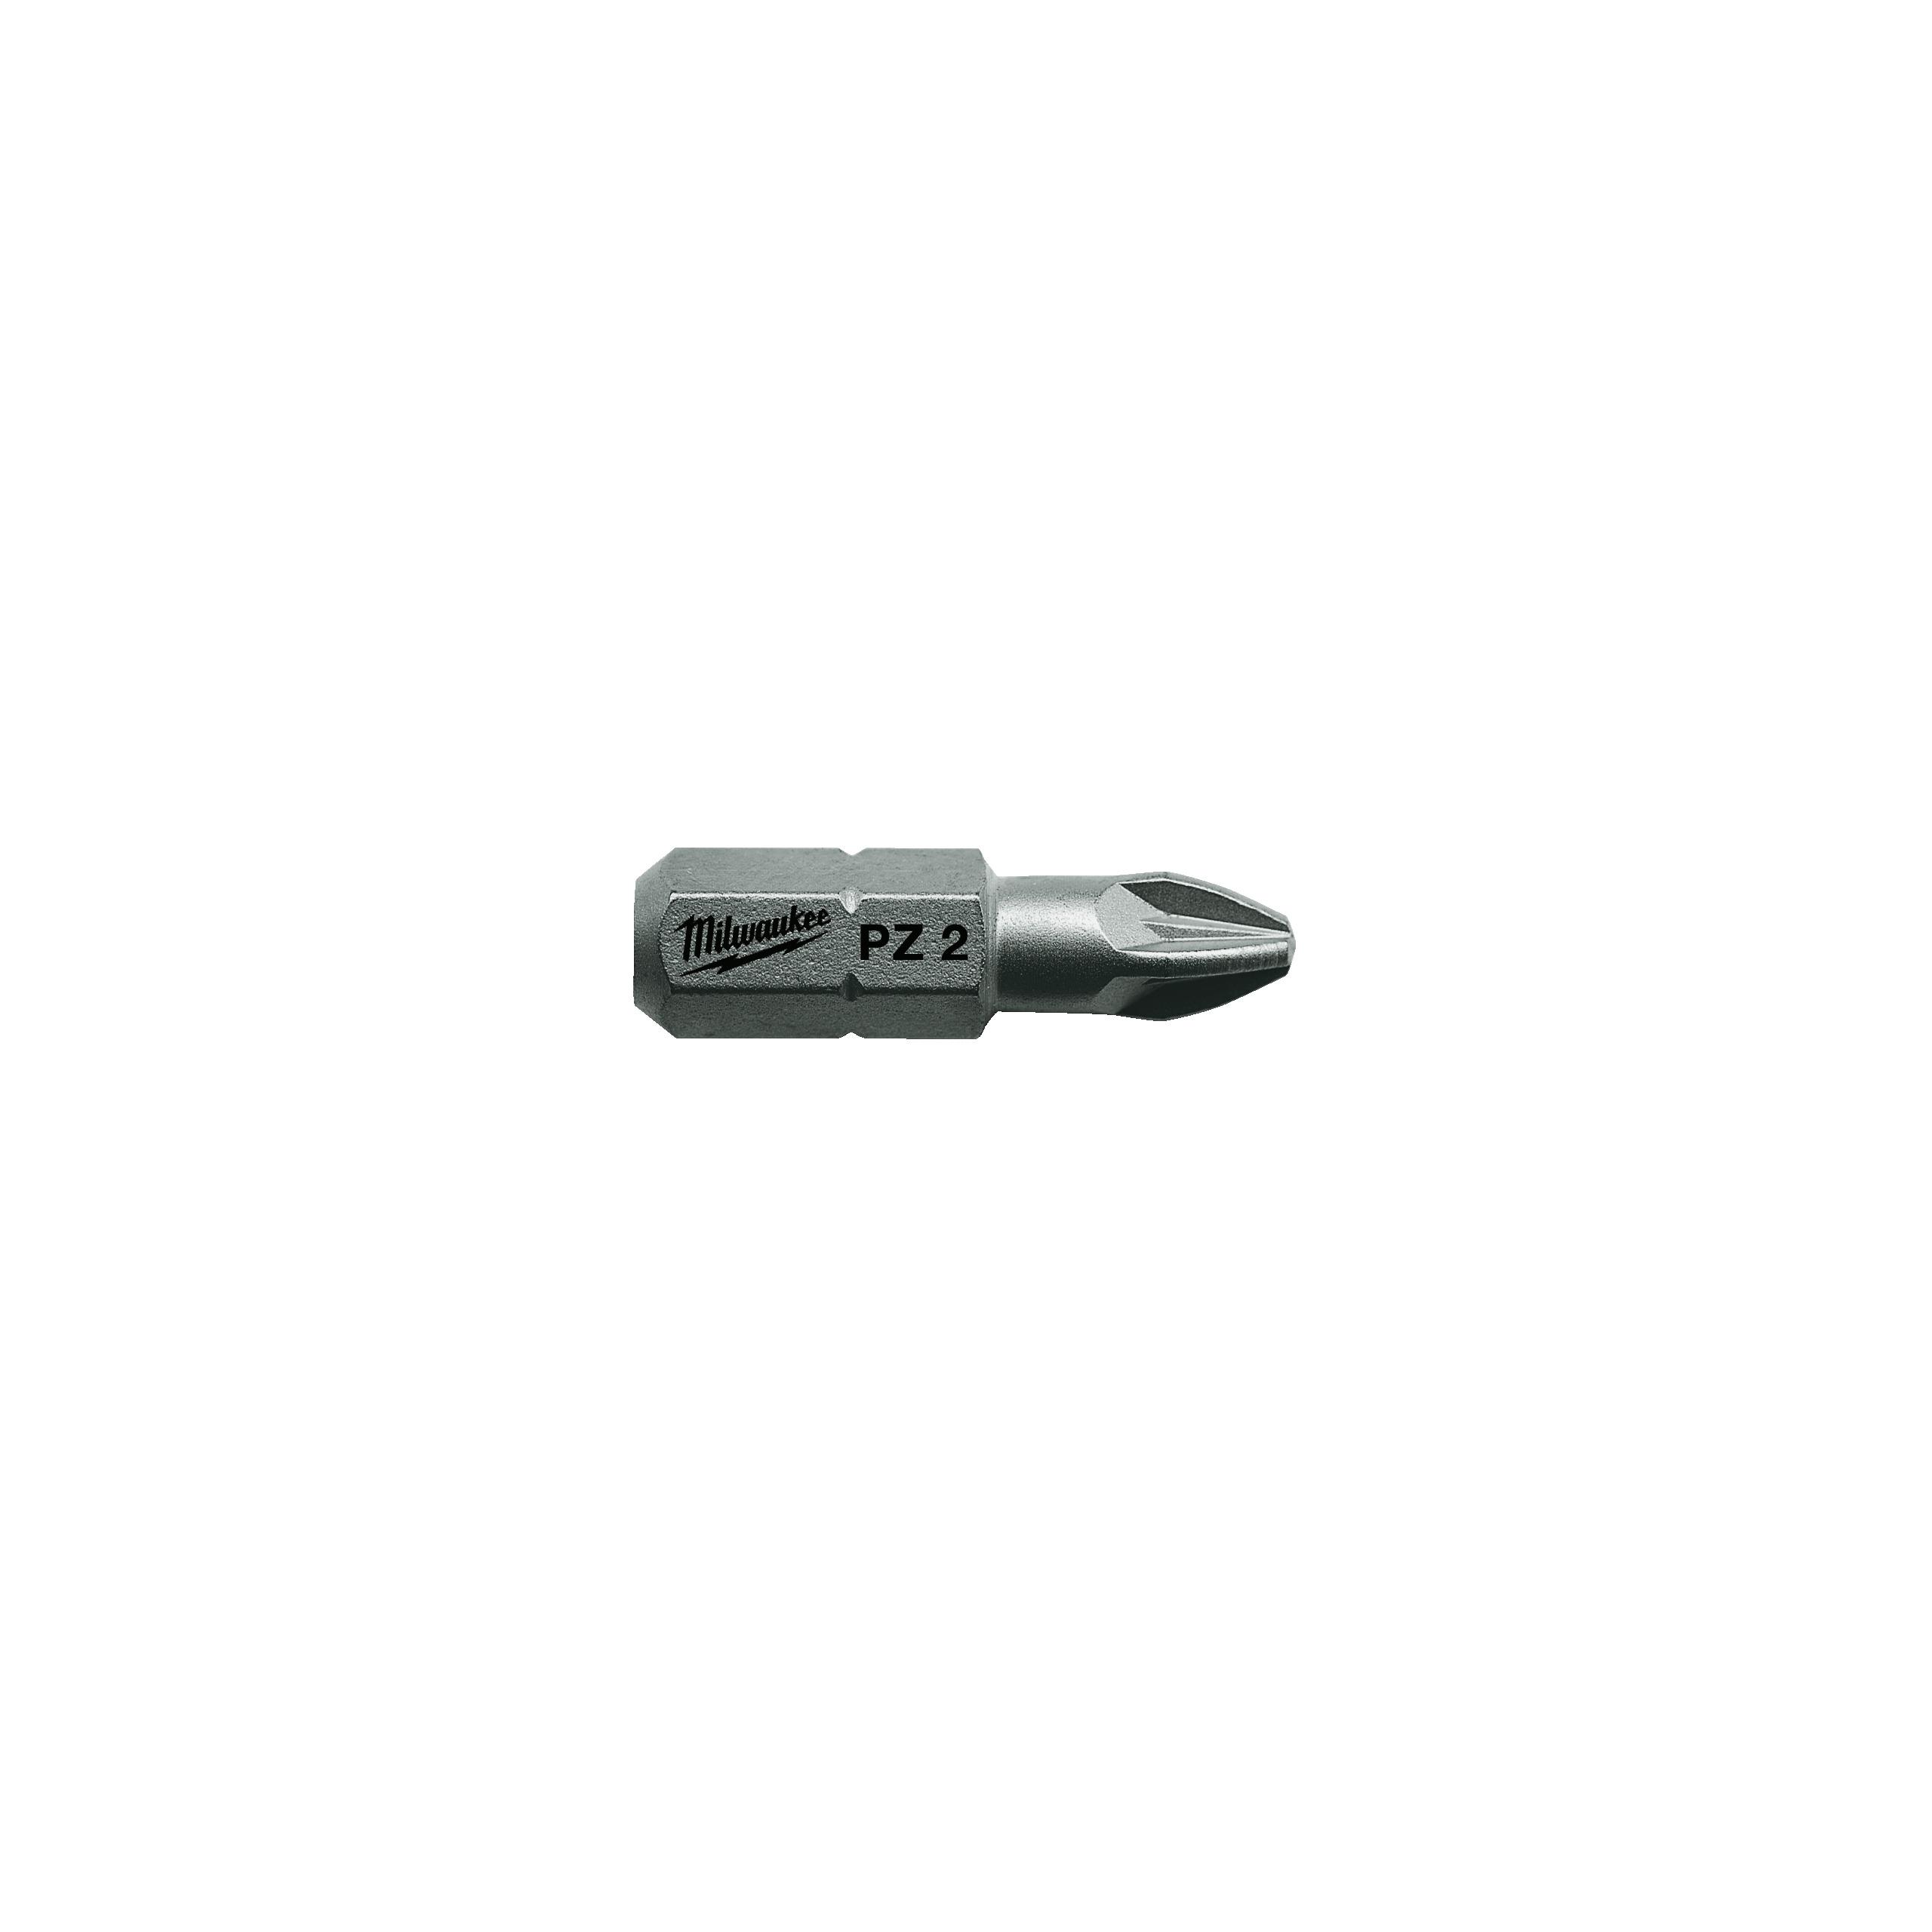 Šroubovací bity PZ2,25mm (25ks)